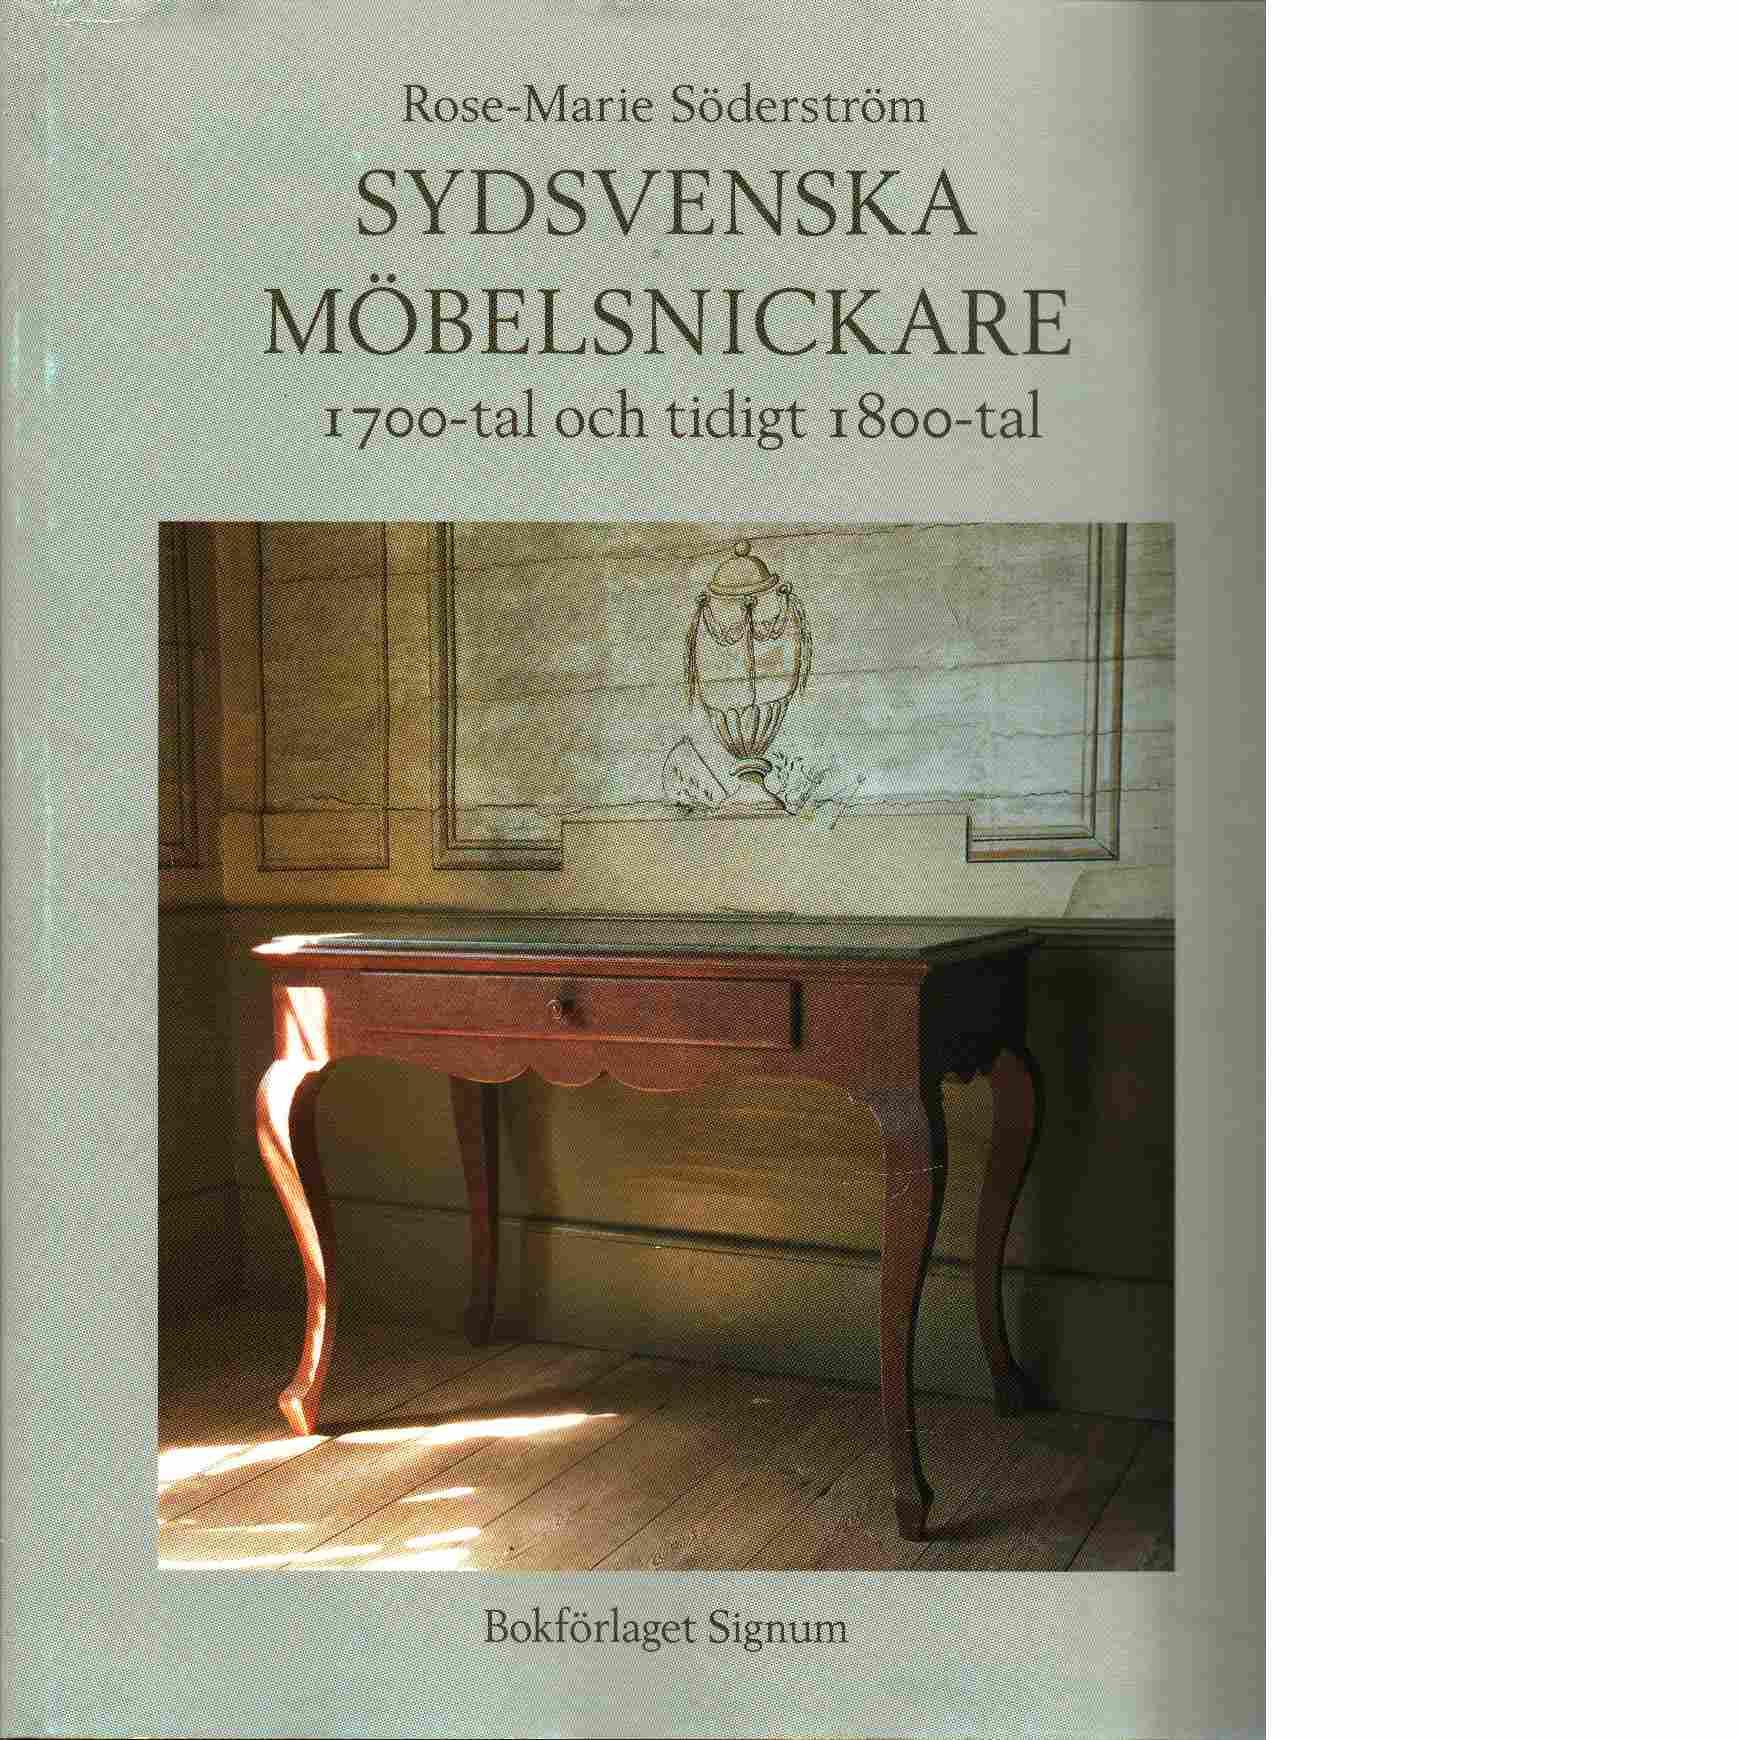 Sydsvenska möbelsnickare : 1700-tal och tidigt 1800-tal - Söderström, Rose-Marie